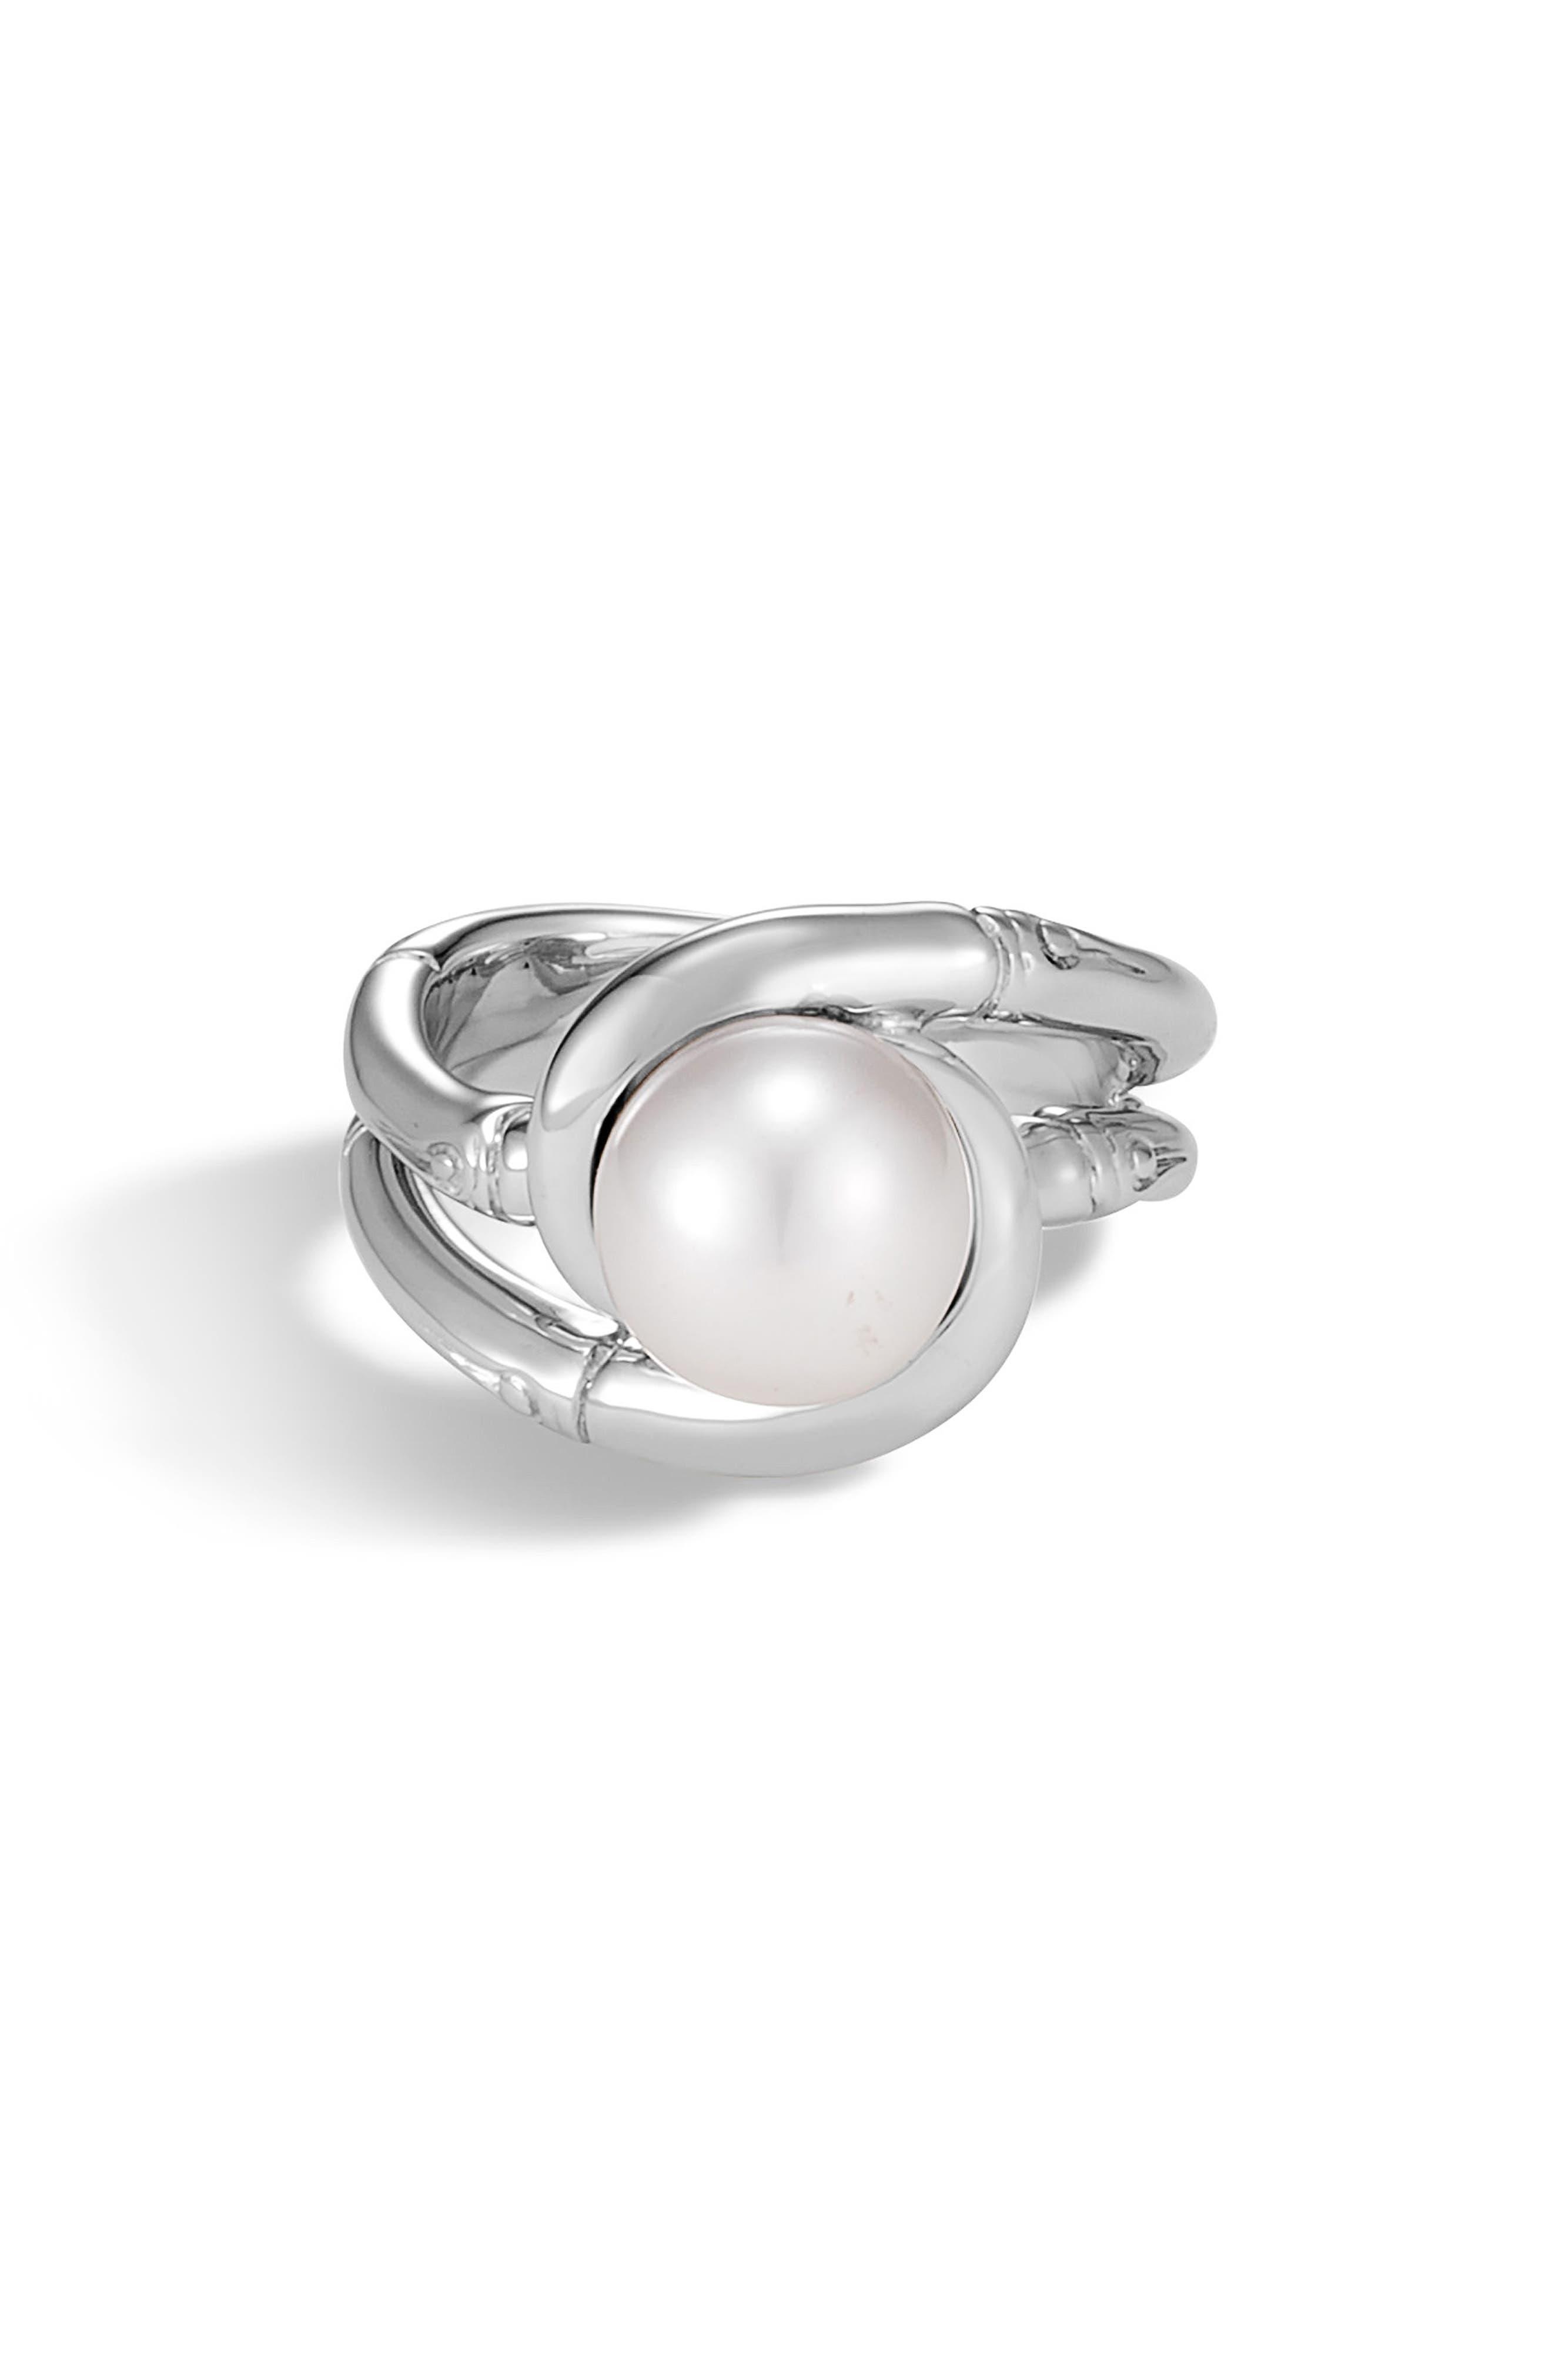 Bamboo Pearl Ring,                             Main thumbnail 1, color,                             SILVER/ PEARL